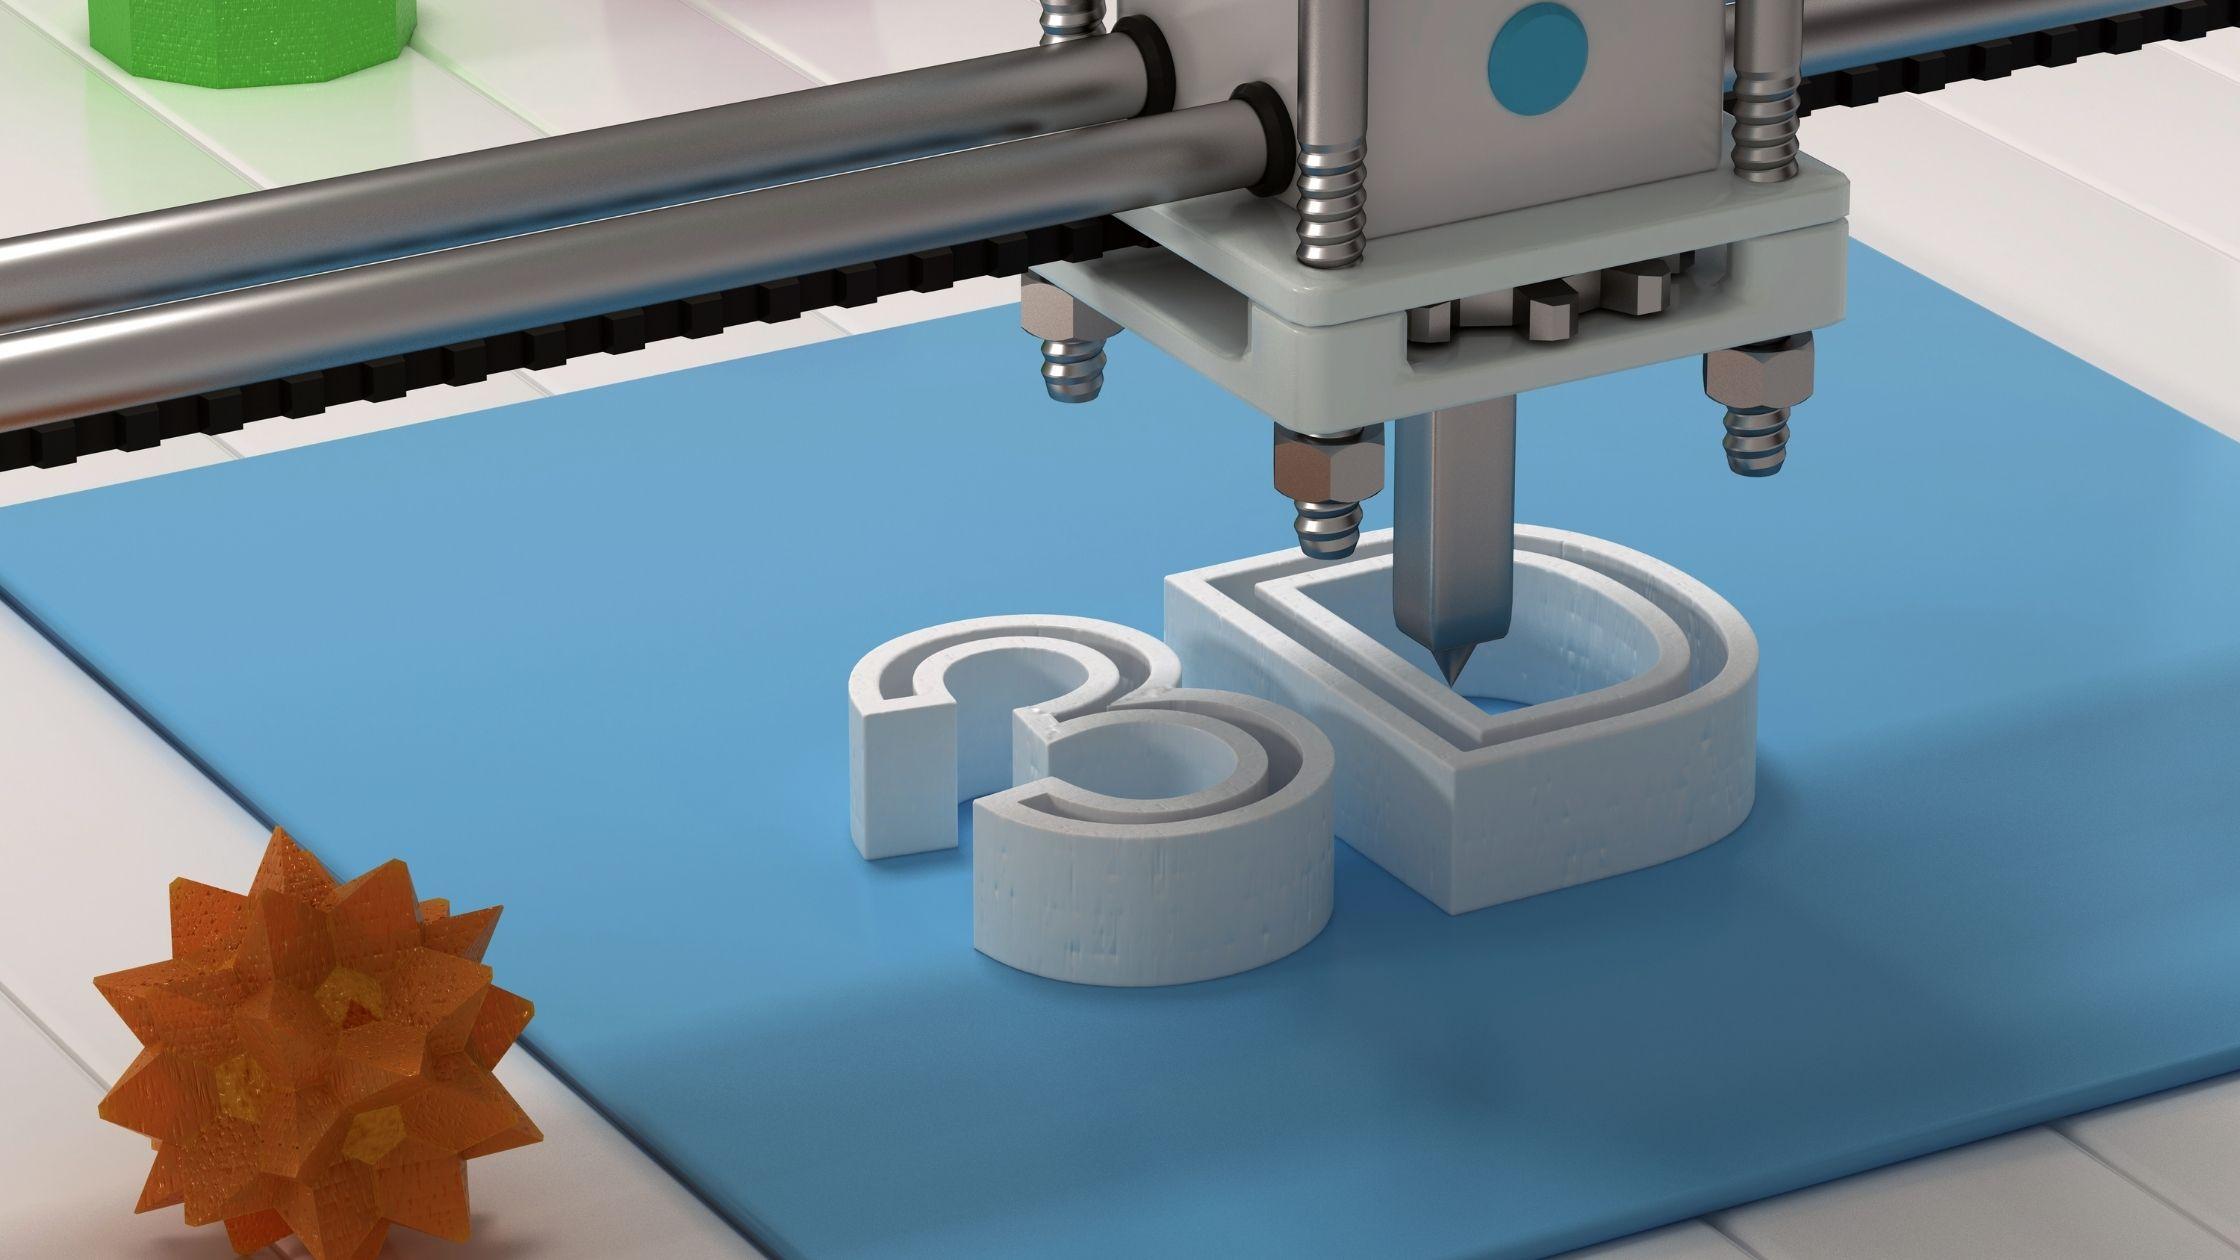 apa-itu-3d-printing